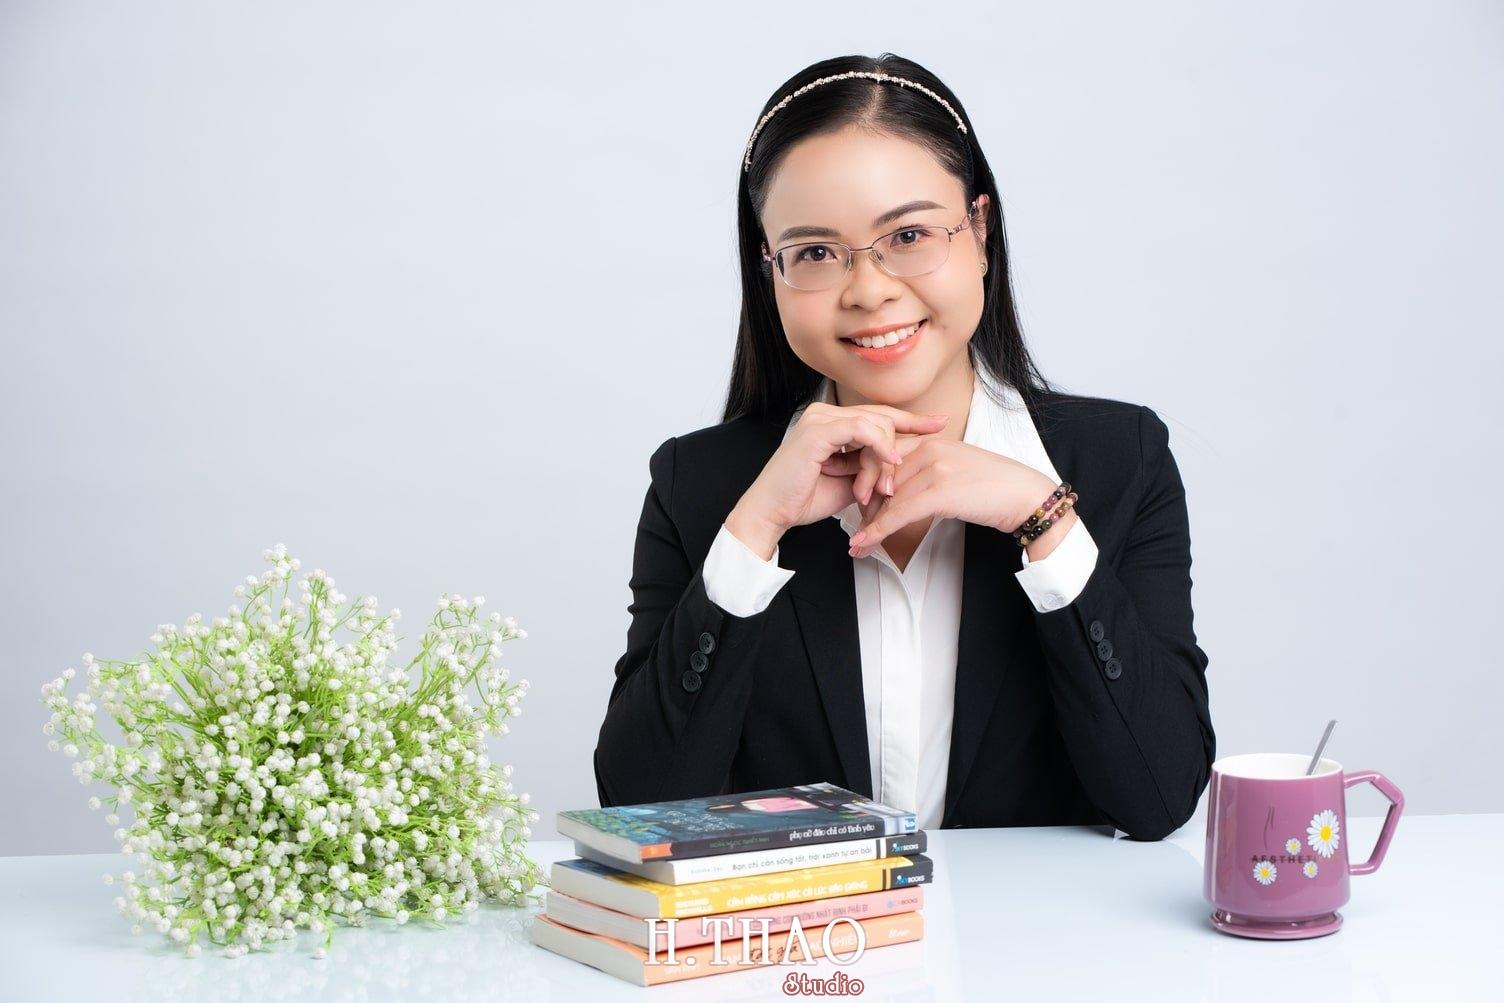 Anh Doanh nhan 11 1 - Góc ảnh doanh nhân, MC Khánh Vy đẹp năng động – HThao Studio